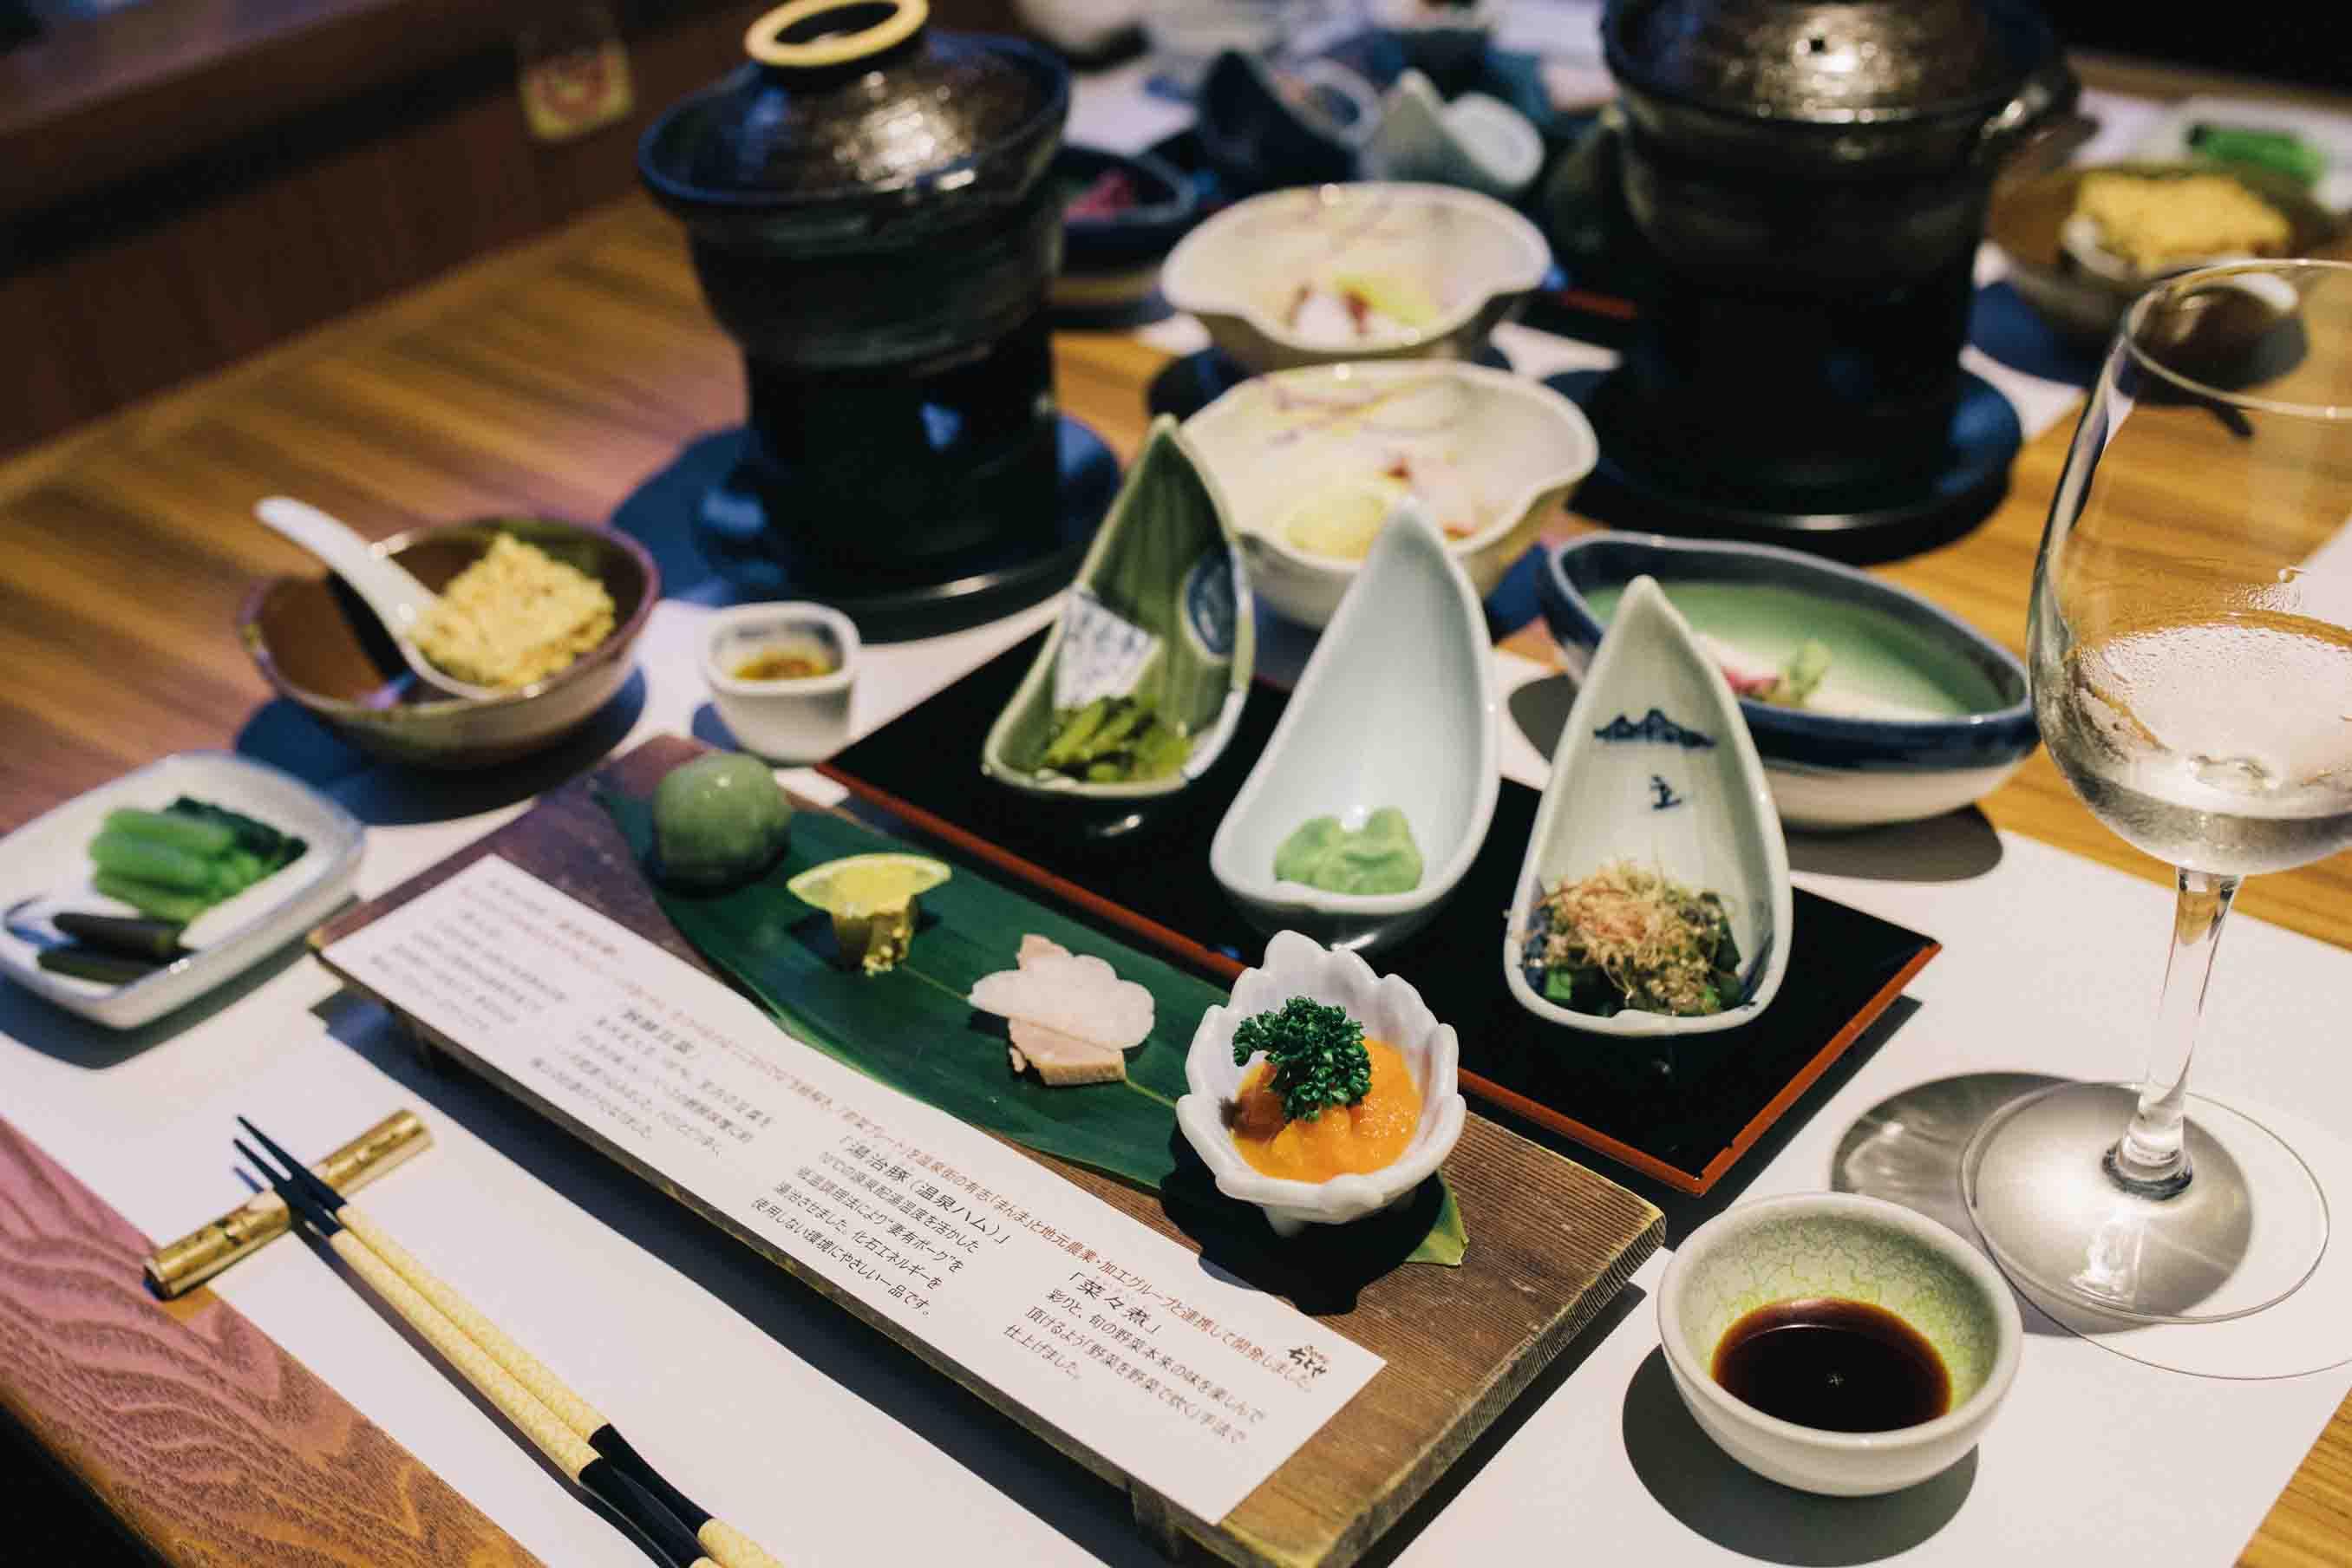 ワラビ、そら豆、ふきのとうといった山菜の小鉢、さまざまな郷土料理が並びます